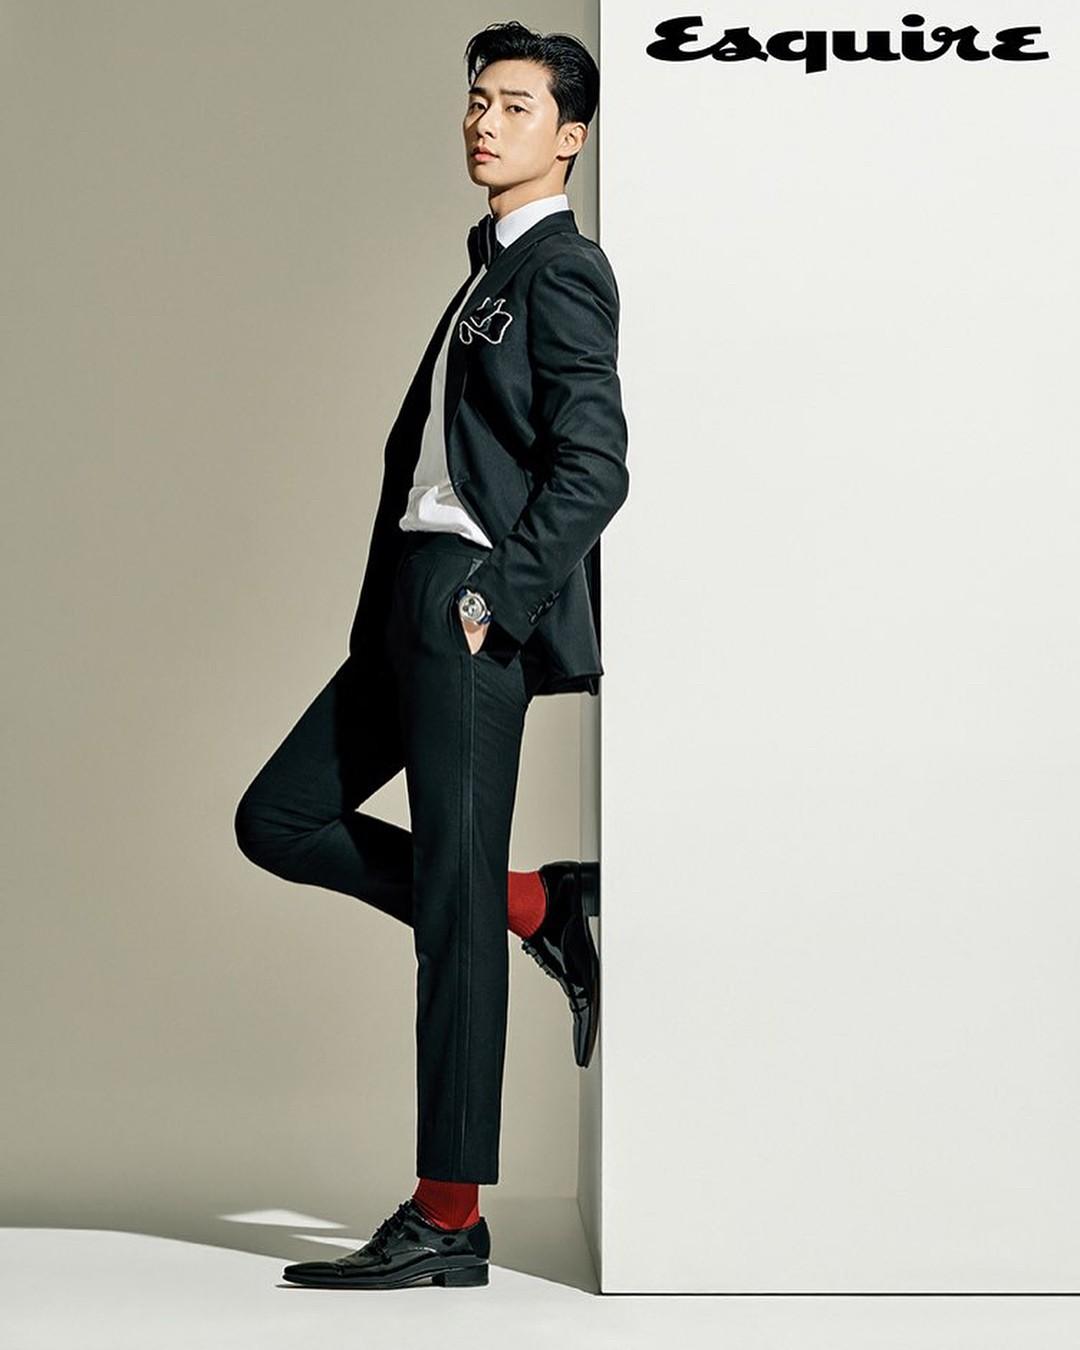 Park Seo Joon - nam thần không chỉ điển trai mà còn mặc đẹp từ phim đến đời thực - Ảnh 21.